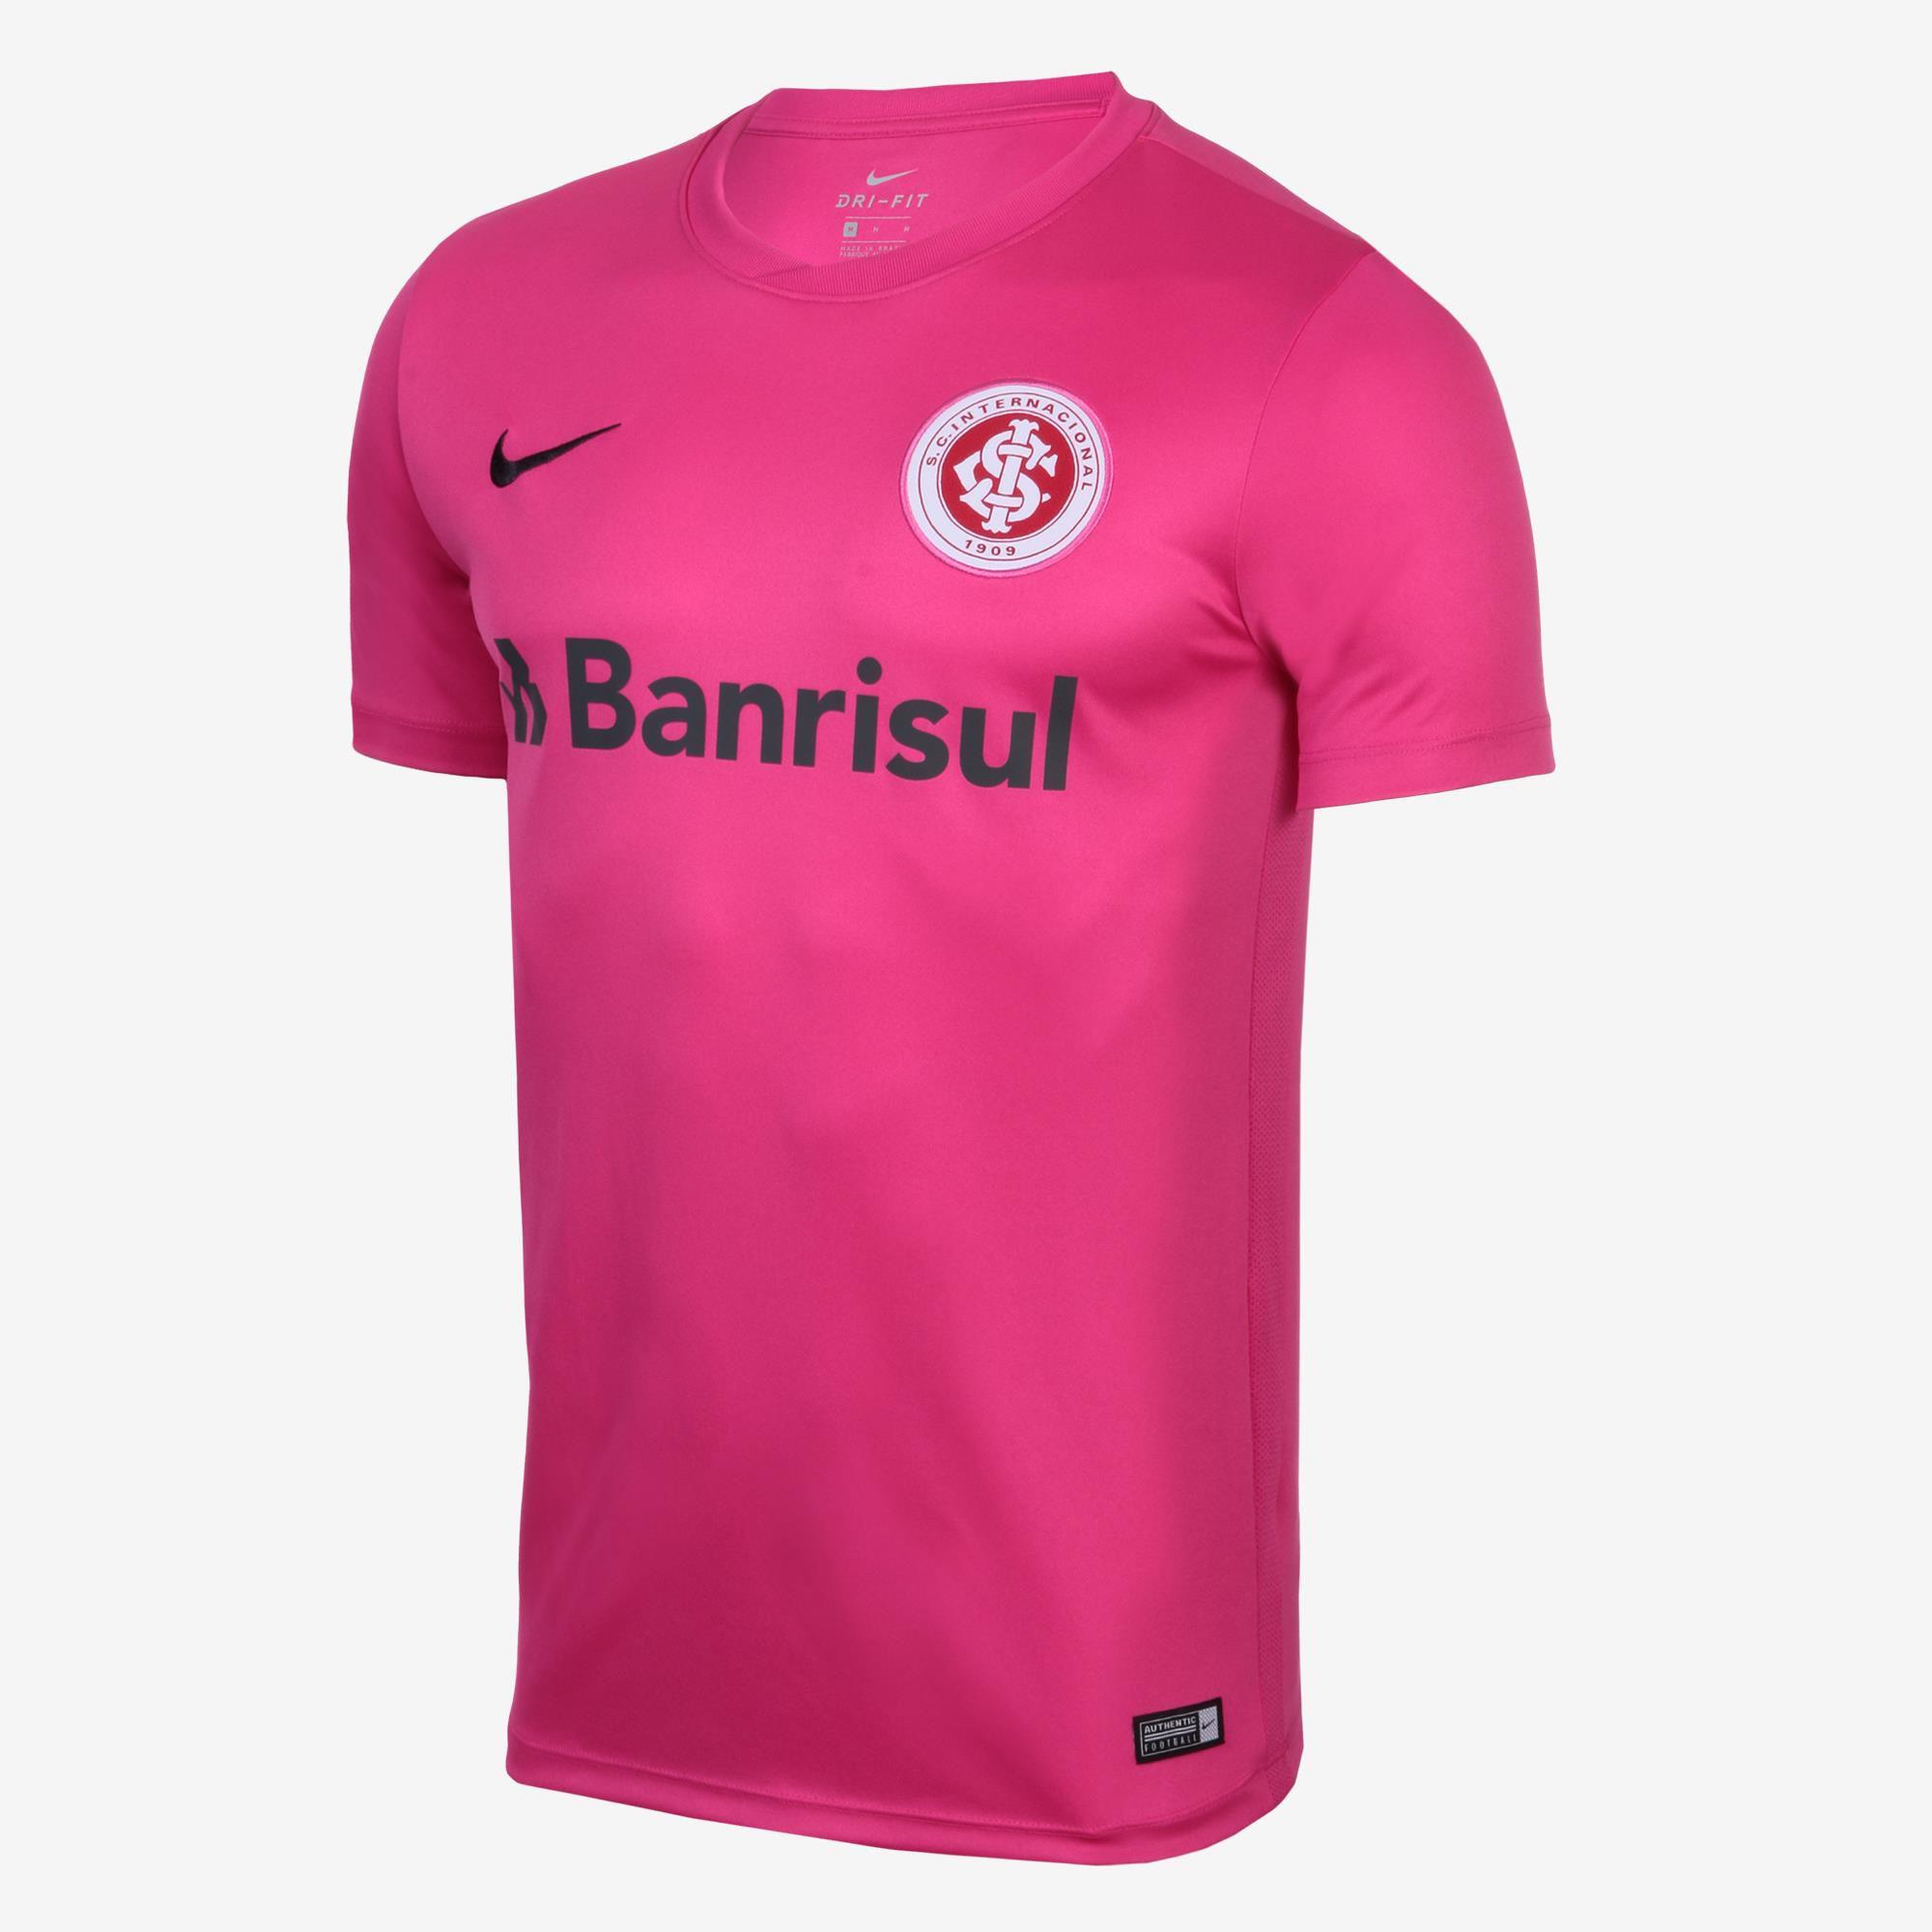 50fa7f74efe4a Camisa Masculina Nike Internacional Outubro Rosa - BRACIA SHOP  Loja ...